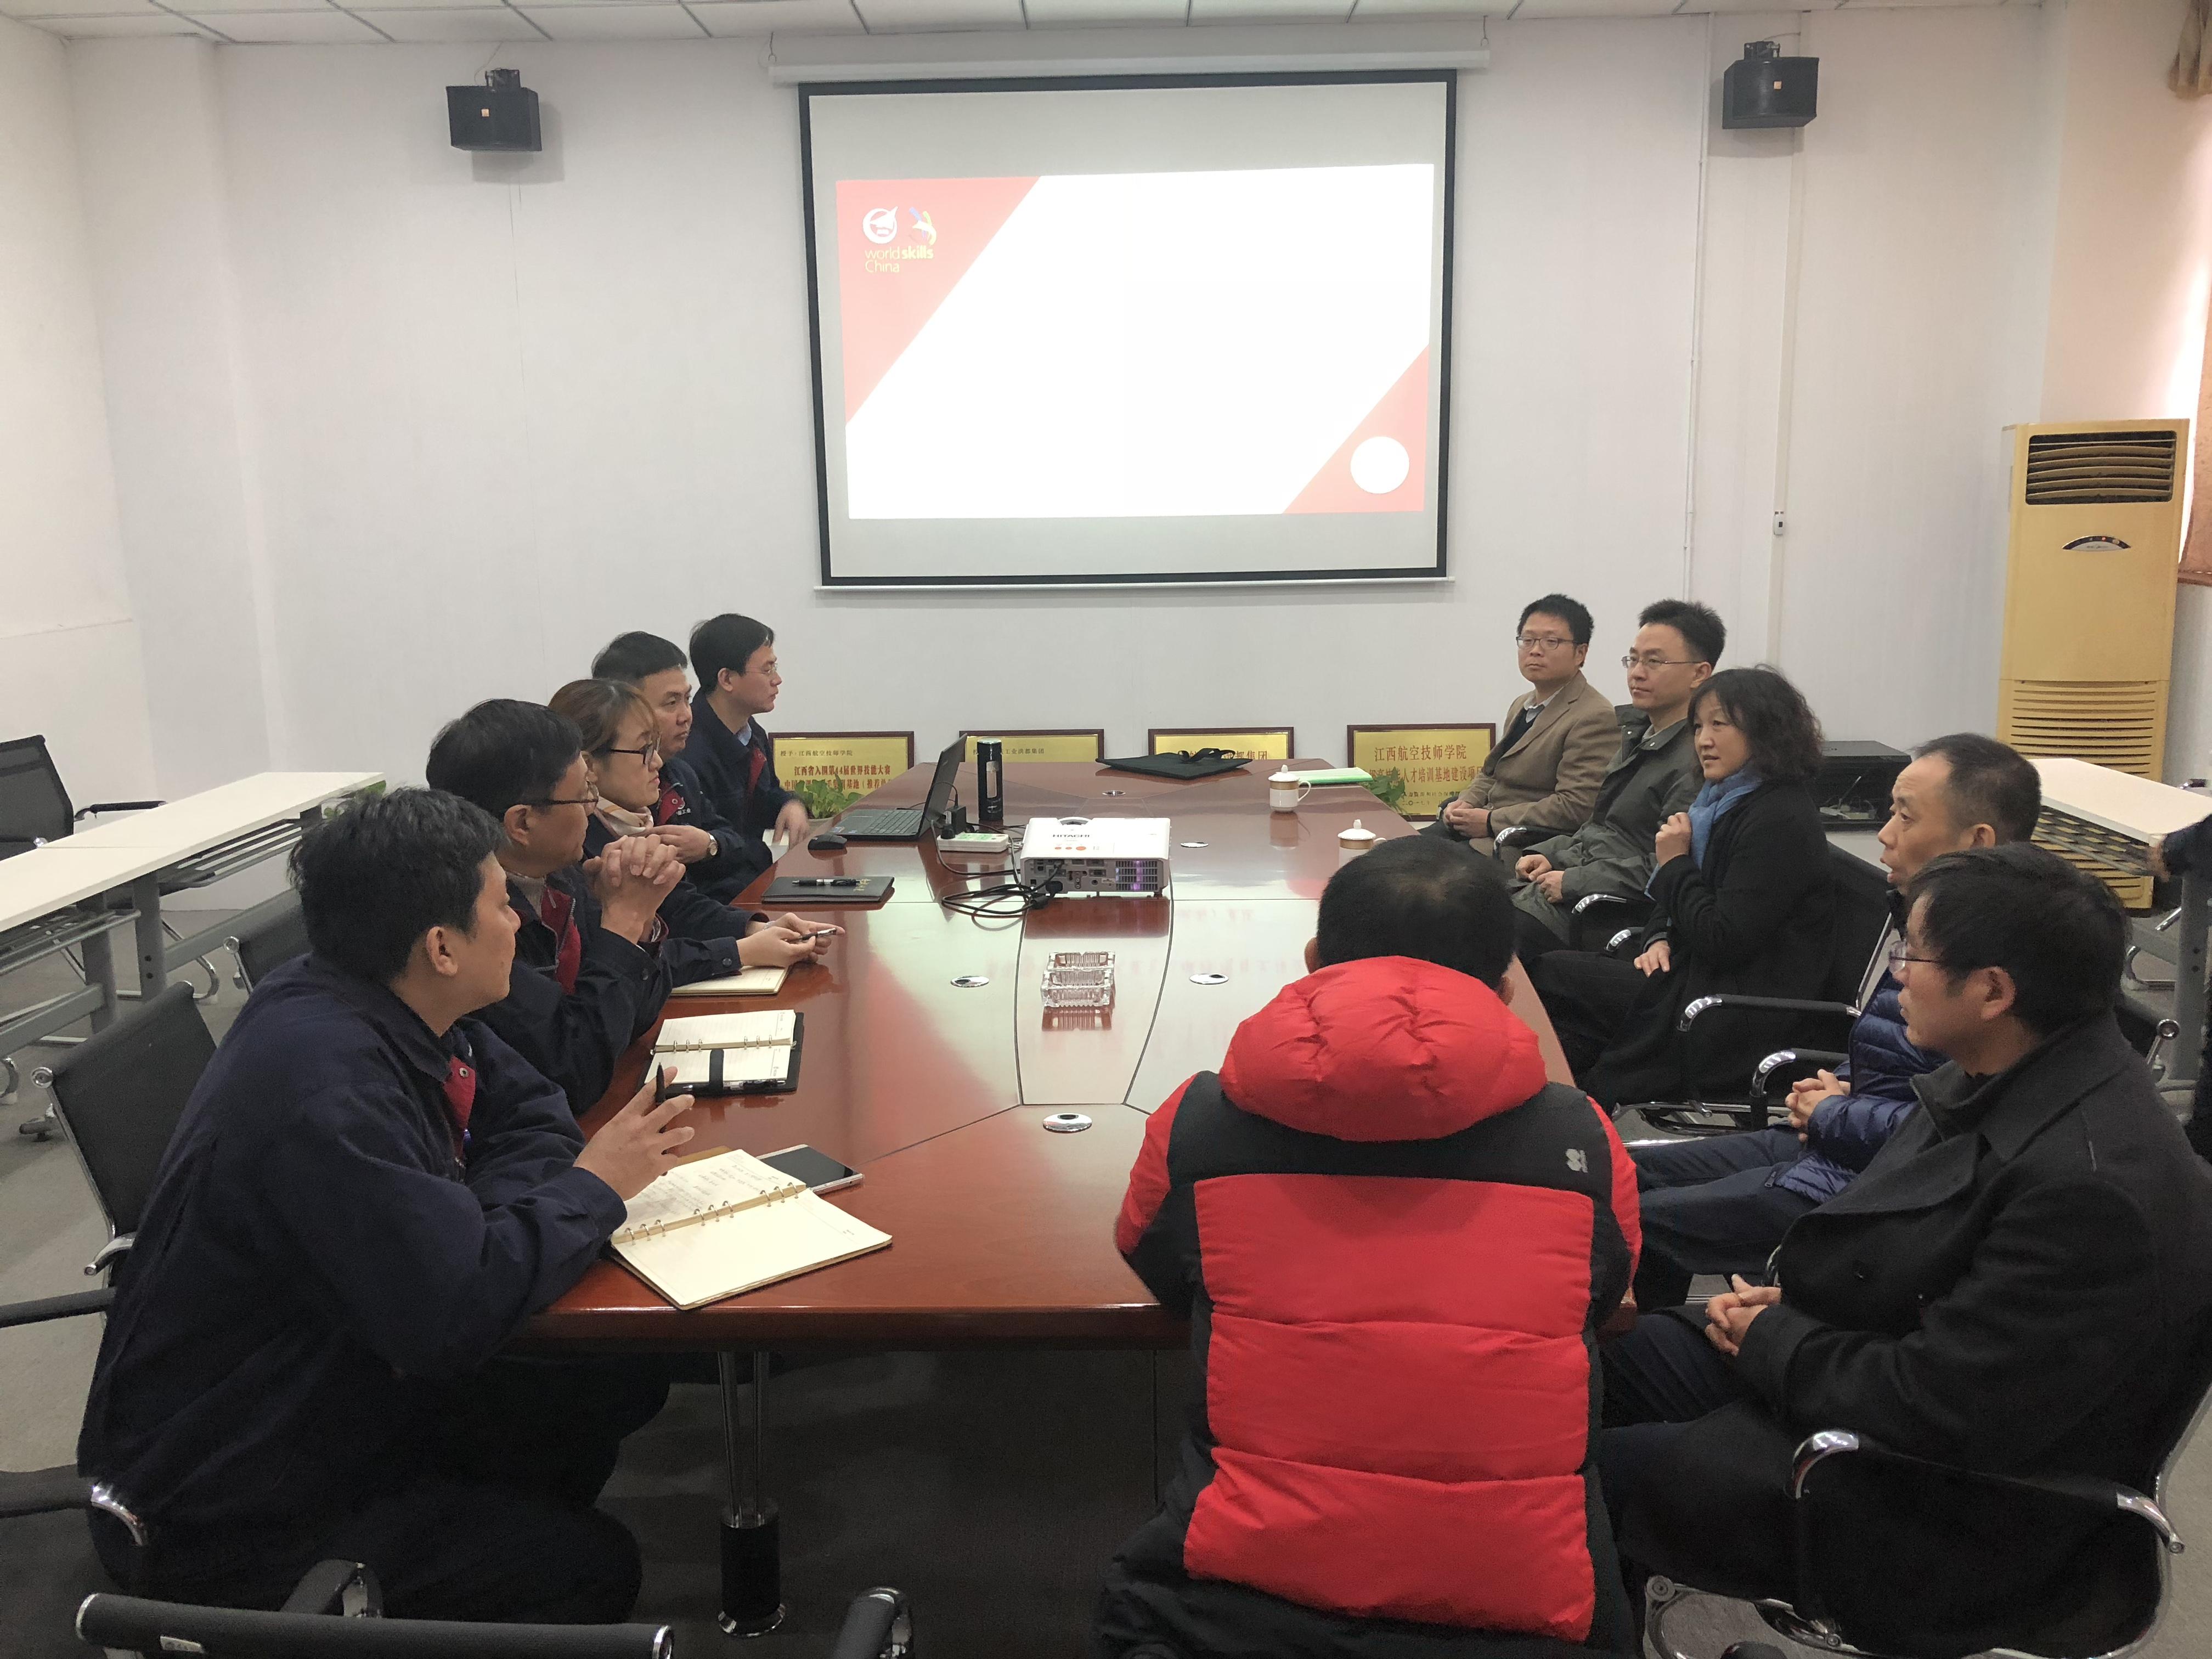 人社部中国就业指导中心领导调研1.jpg